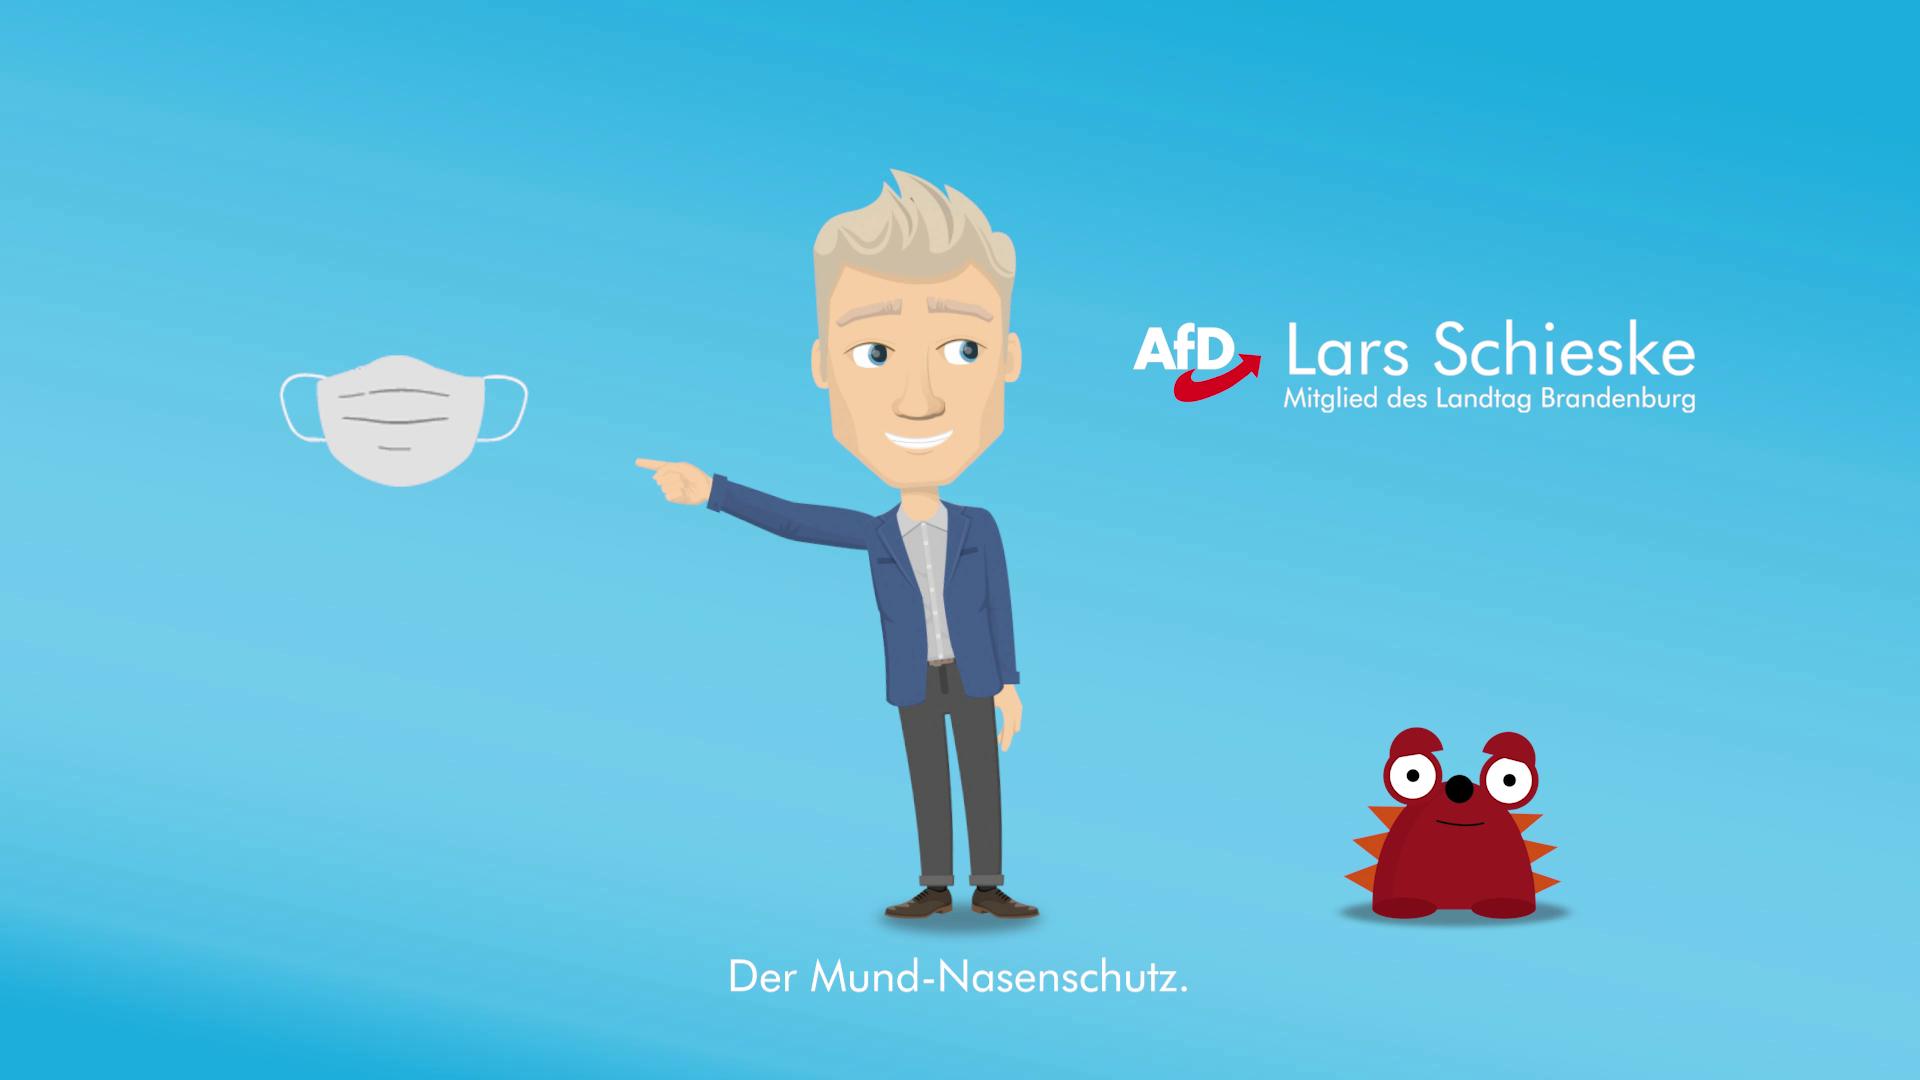 Lars Gedanken über die Maskenpflicht ist eine kritische Erklärfilm-Serie, in welcher Lars seine Gedanken und Meinung zur nicht mehr nachvollziehbaren und wohl verrückten Politik Deutschlands kund tut. Wohl nur in einem Comic, kann man diese verrückte Realität scheinbar nachvollziehen.